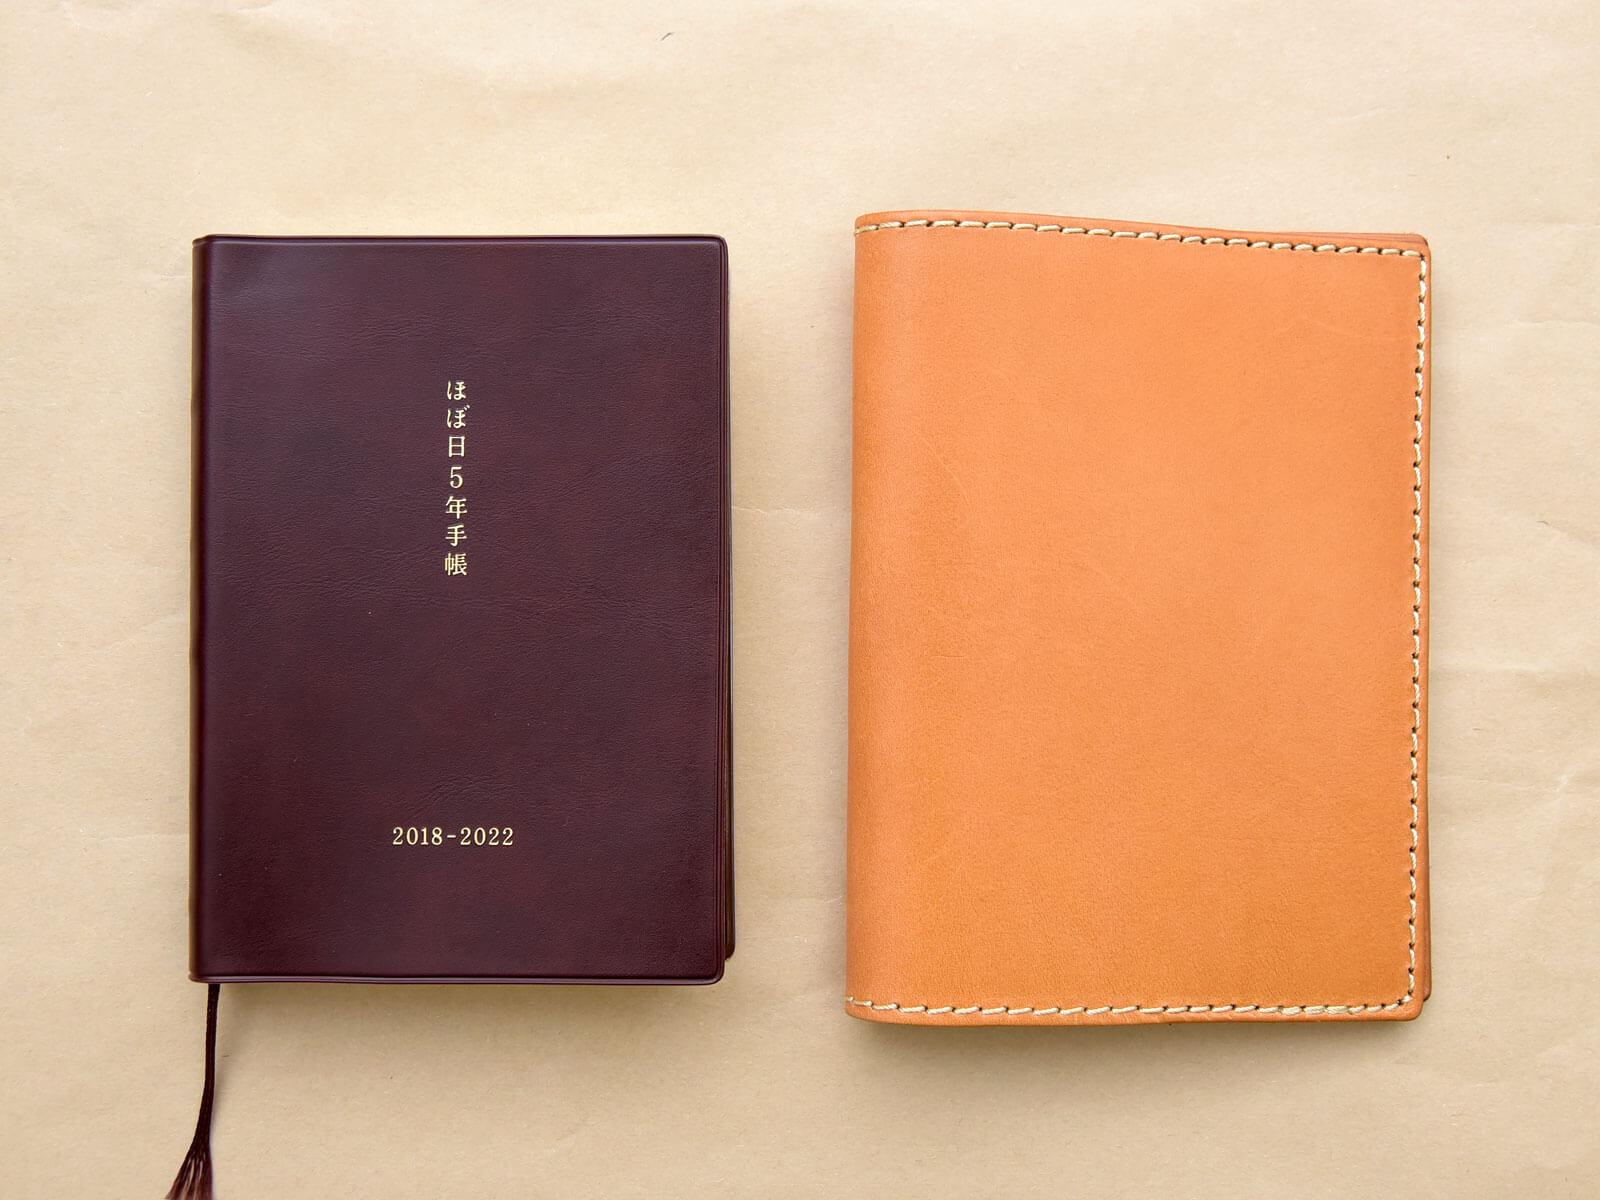 ほぼ日5年手帳のカバーとしても使える!HERZ定番ブックカバー